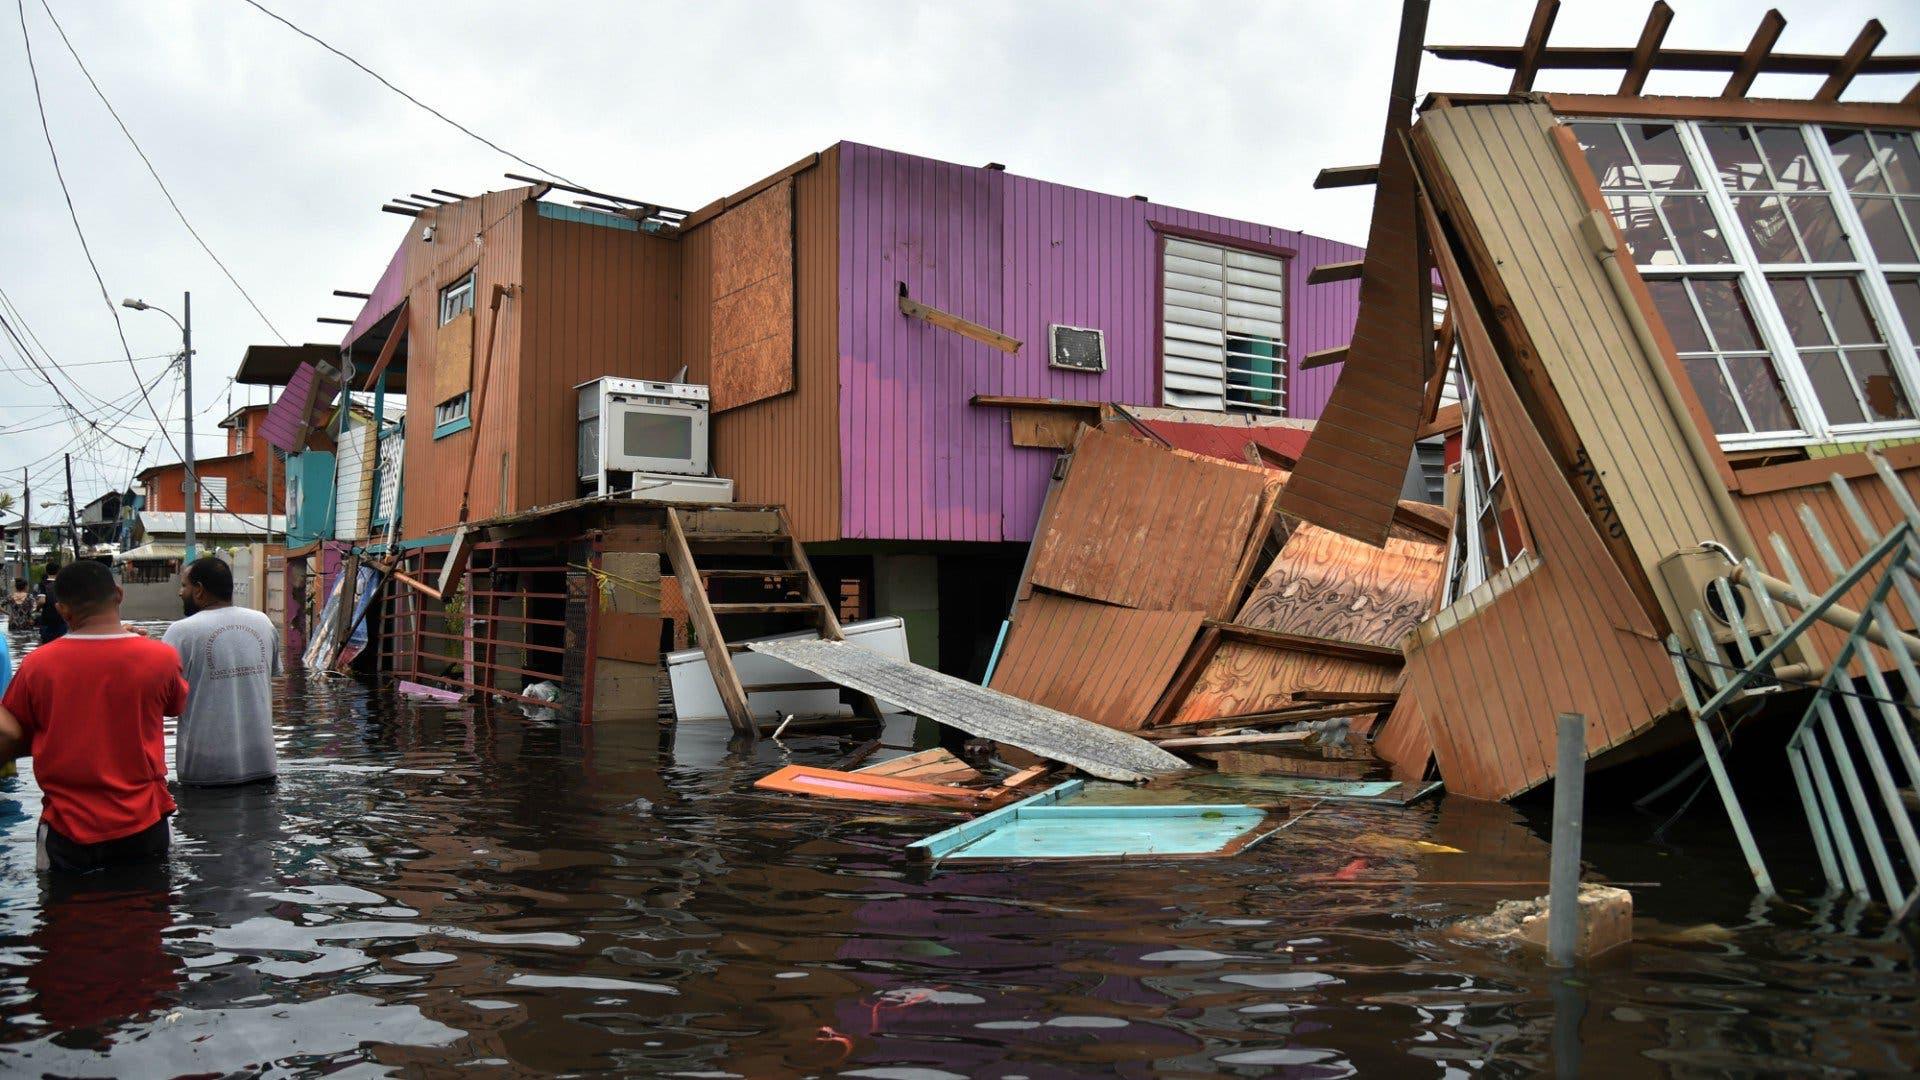 María devastó Puerto Rico a finales de septiembre de 2017 provocando la salida de miles de boricuas hacia territorio continental estadounidense.